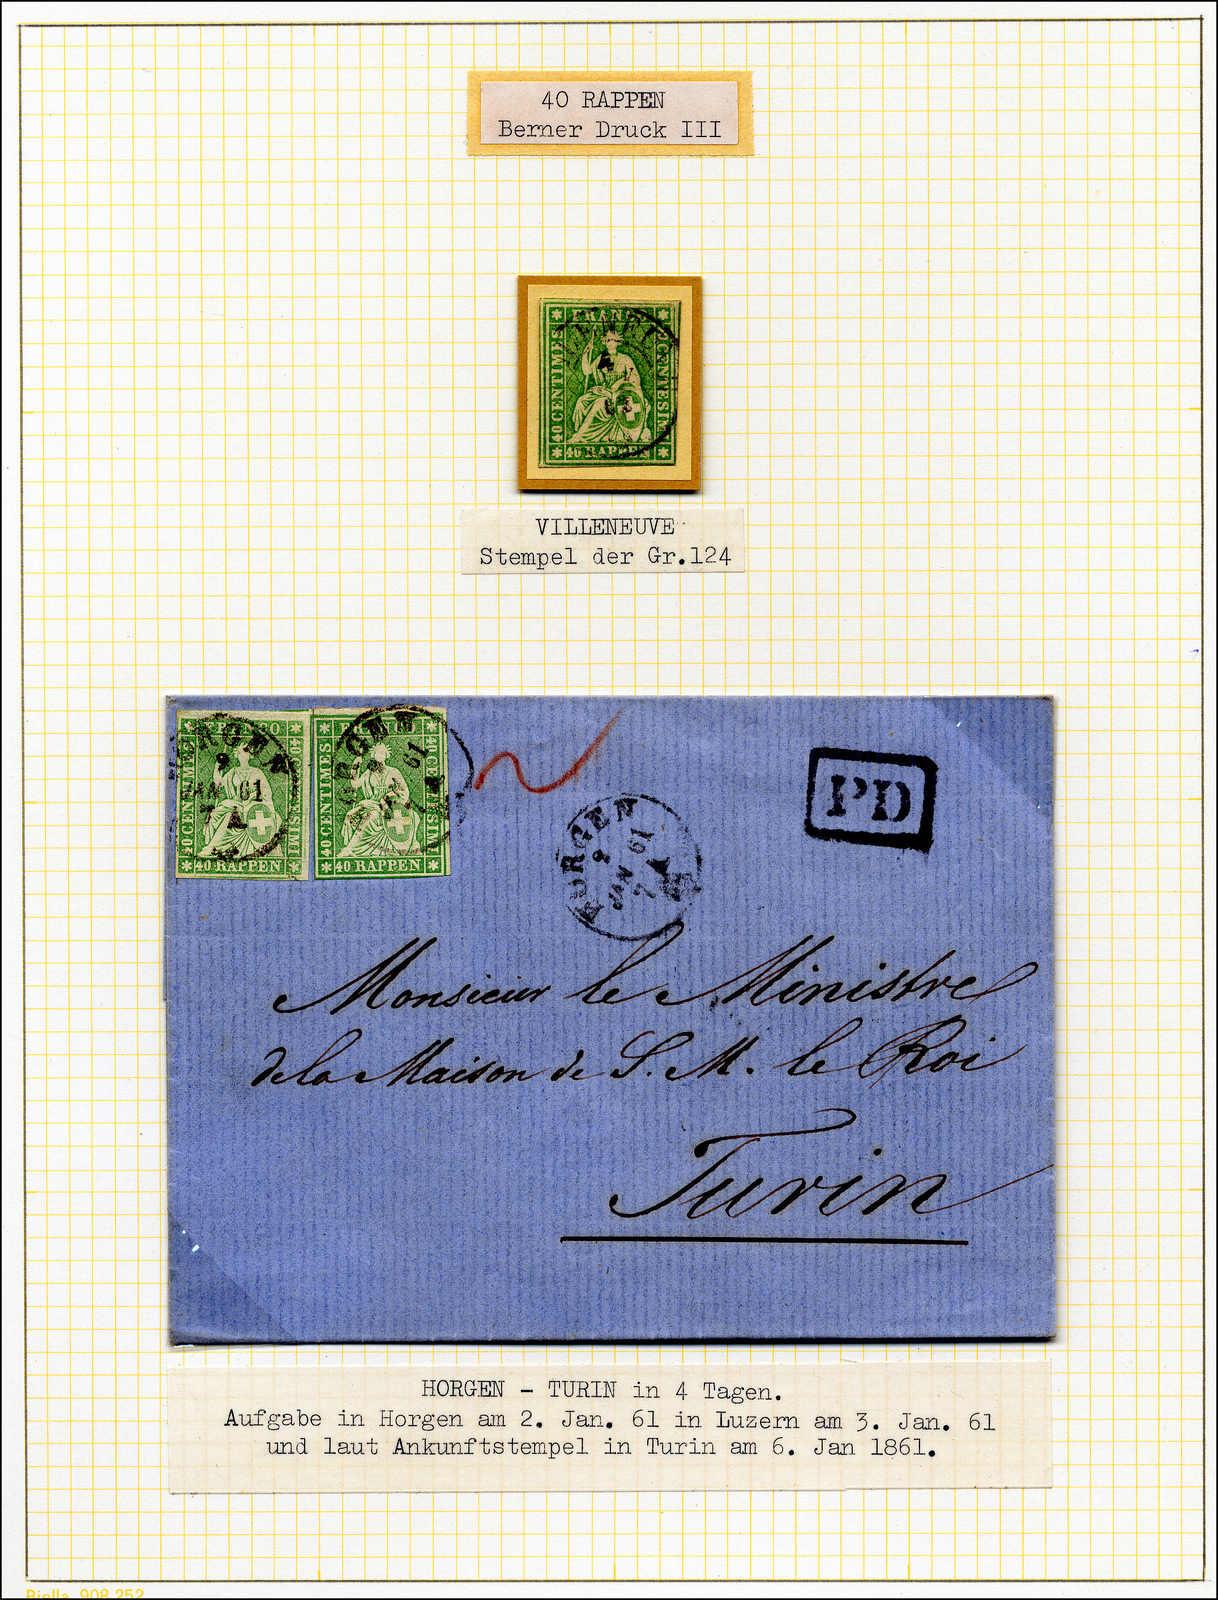 Lot 59 - sammlungen und posten sammlungen und posten altschweiz -  Rolli Auctions Auction #68 Day 1